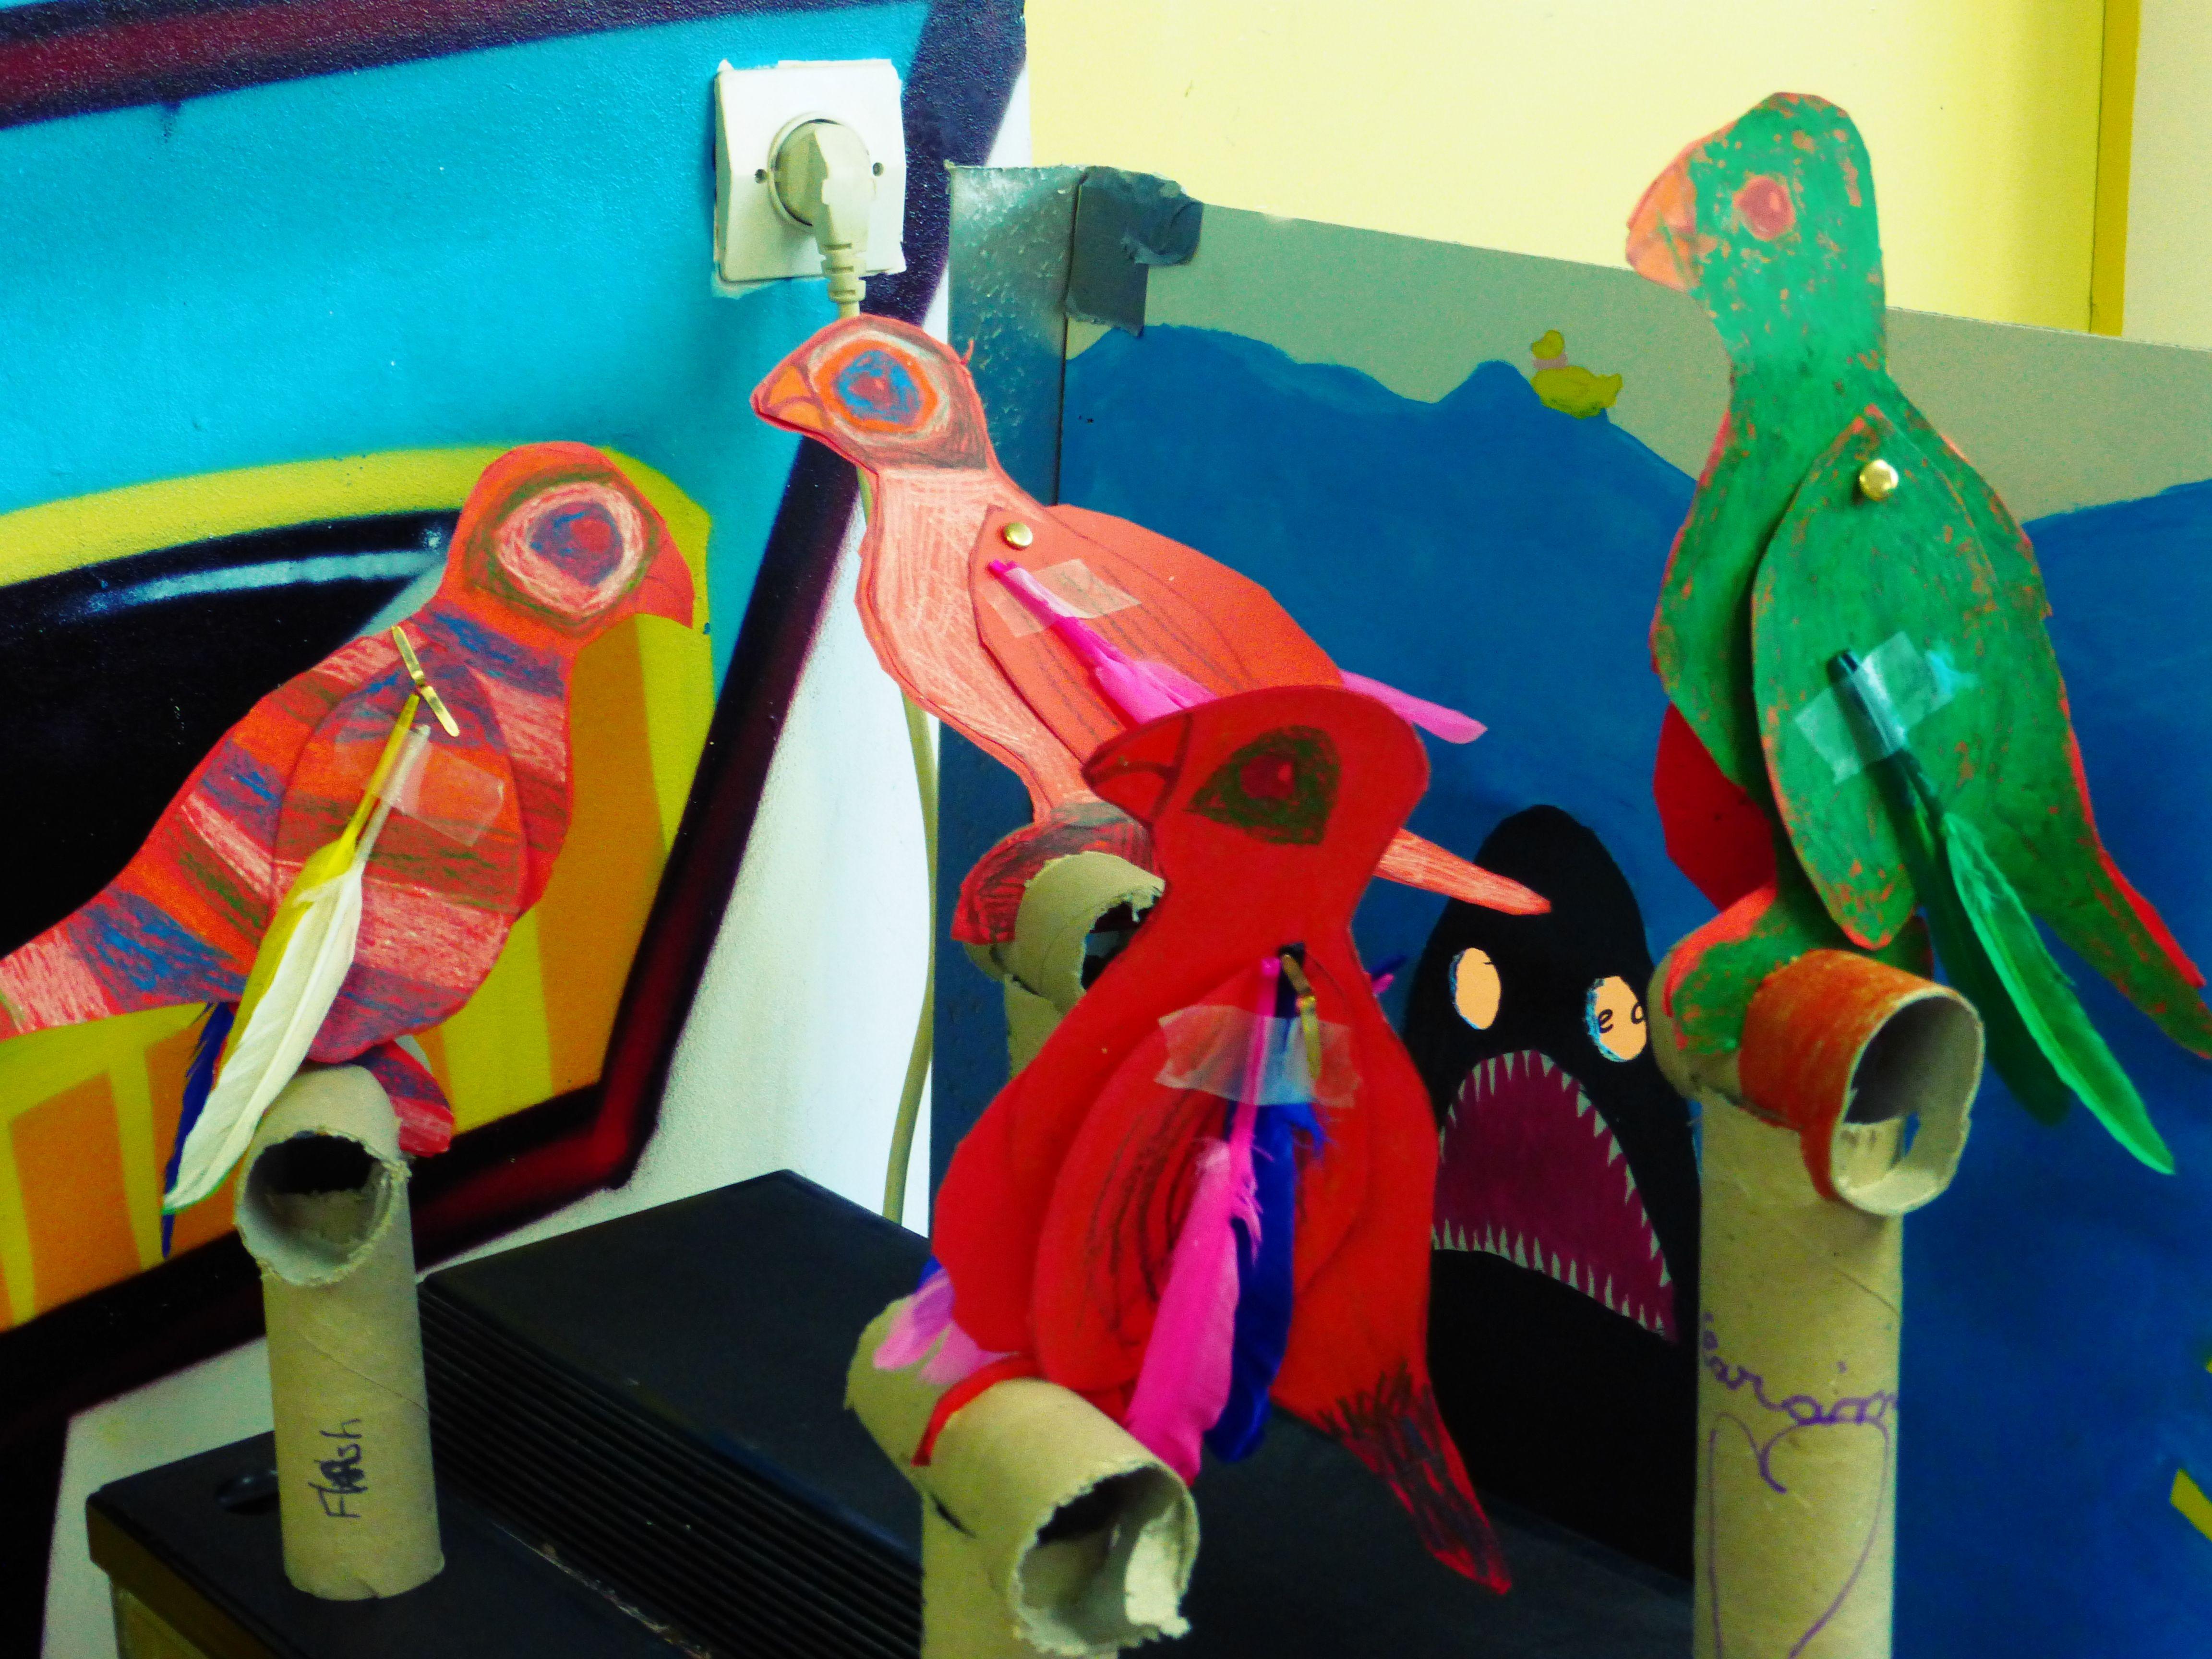 Bricolage Enfant Perroquet Sur Perchoirs Brico Enfant Pinterest Bricolage Et Centre